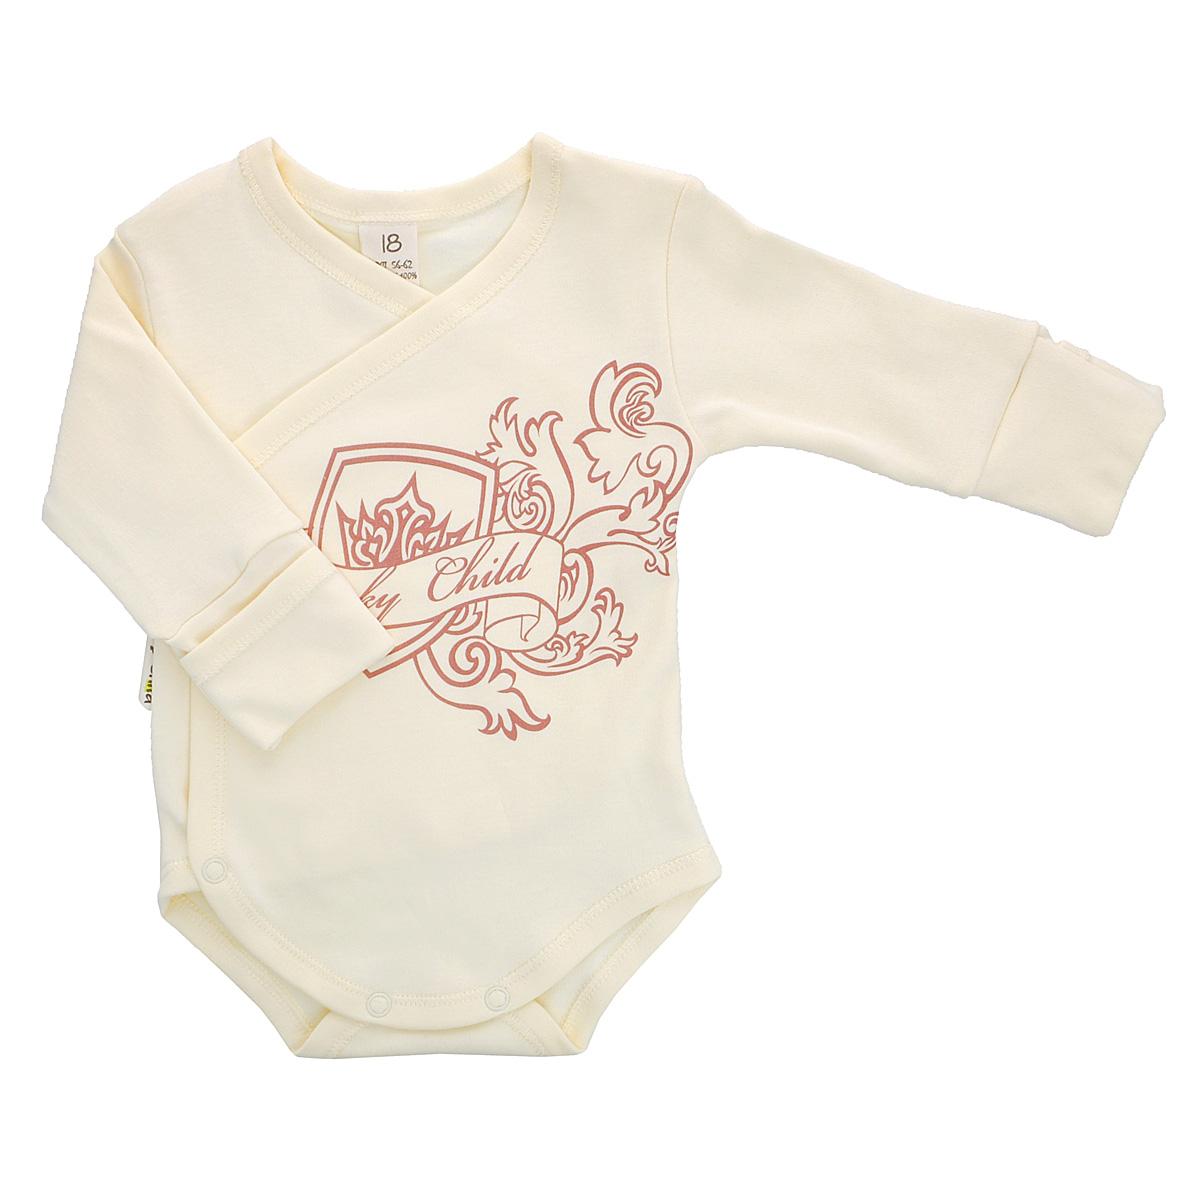 Боди детское Lucky Child, цвет: экрю. 6-5. Размер 62/686-5Детское боди Lucky Child с запахом и длинными рукавами послужит идеальным дополнением к гардеробу младенца, обеспечивая ему наибольший комфорт. Боди изготовлено из натурального хлопка, благодаря чему оно необычайно мягкое и легкое, не раздражает нежную кожу ребенка и хорошо вентилируется, а эластичные швы приятны телу ребенка и не препятствуют его движениям. Удобные застежки-кнопки по правому боку и на ластовице помогают легко переодеть младенца и сменить подгузник. Рукава дополнены широкими манжетами. Благодаря рукавичкам ребенок не поцарапает себя. Оформлено боди оригинальным принтом.Боди полностью соответствует особенностям жизни малыша в ранний период, не стесняя и не ограничивая его в движениях. В нем ваш ребенок всегда будет в центре внимания.